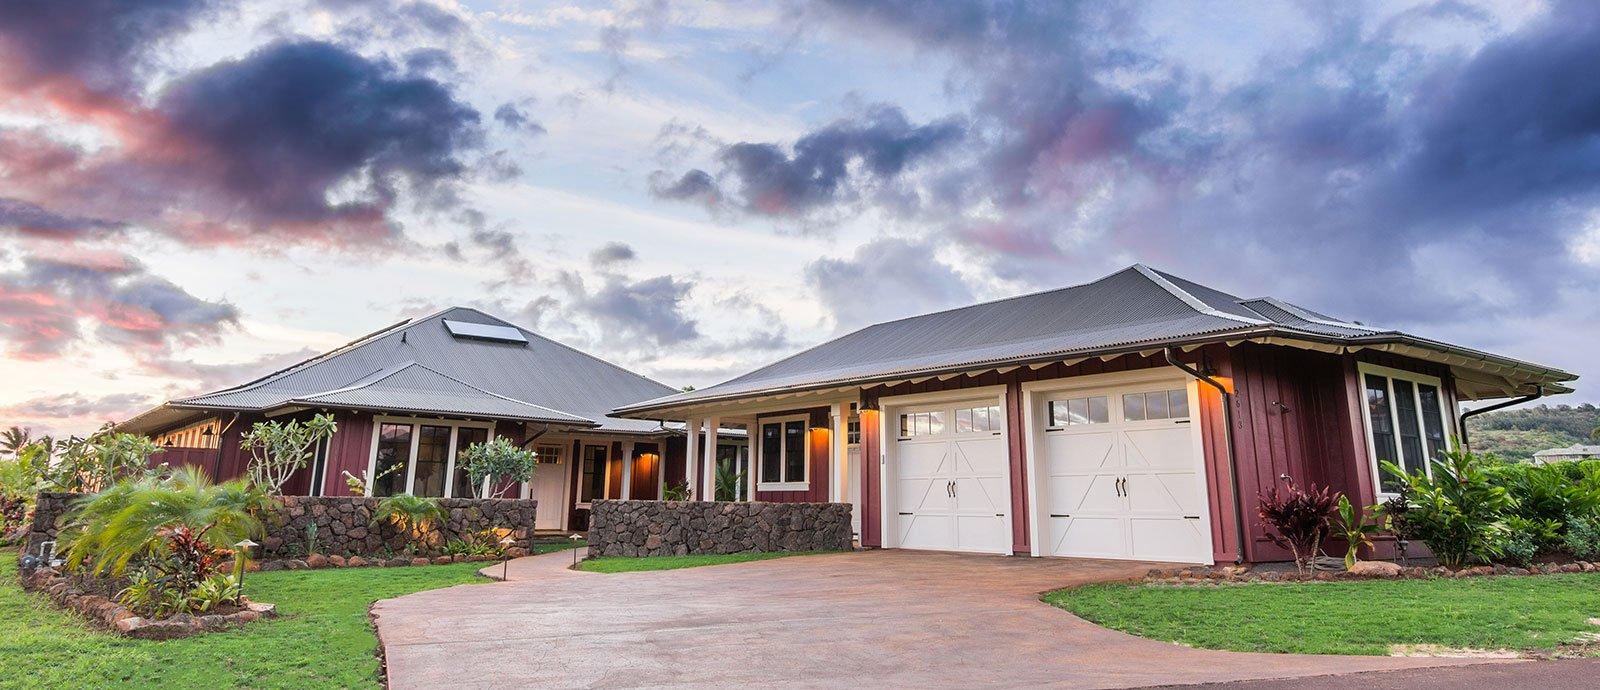 Kauai Real estate #66 - driveway